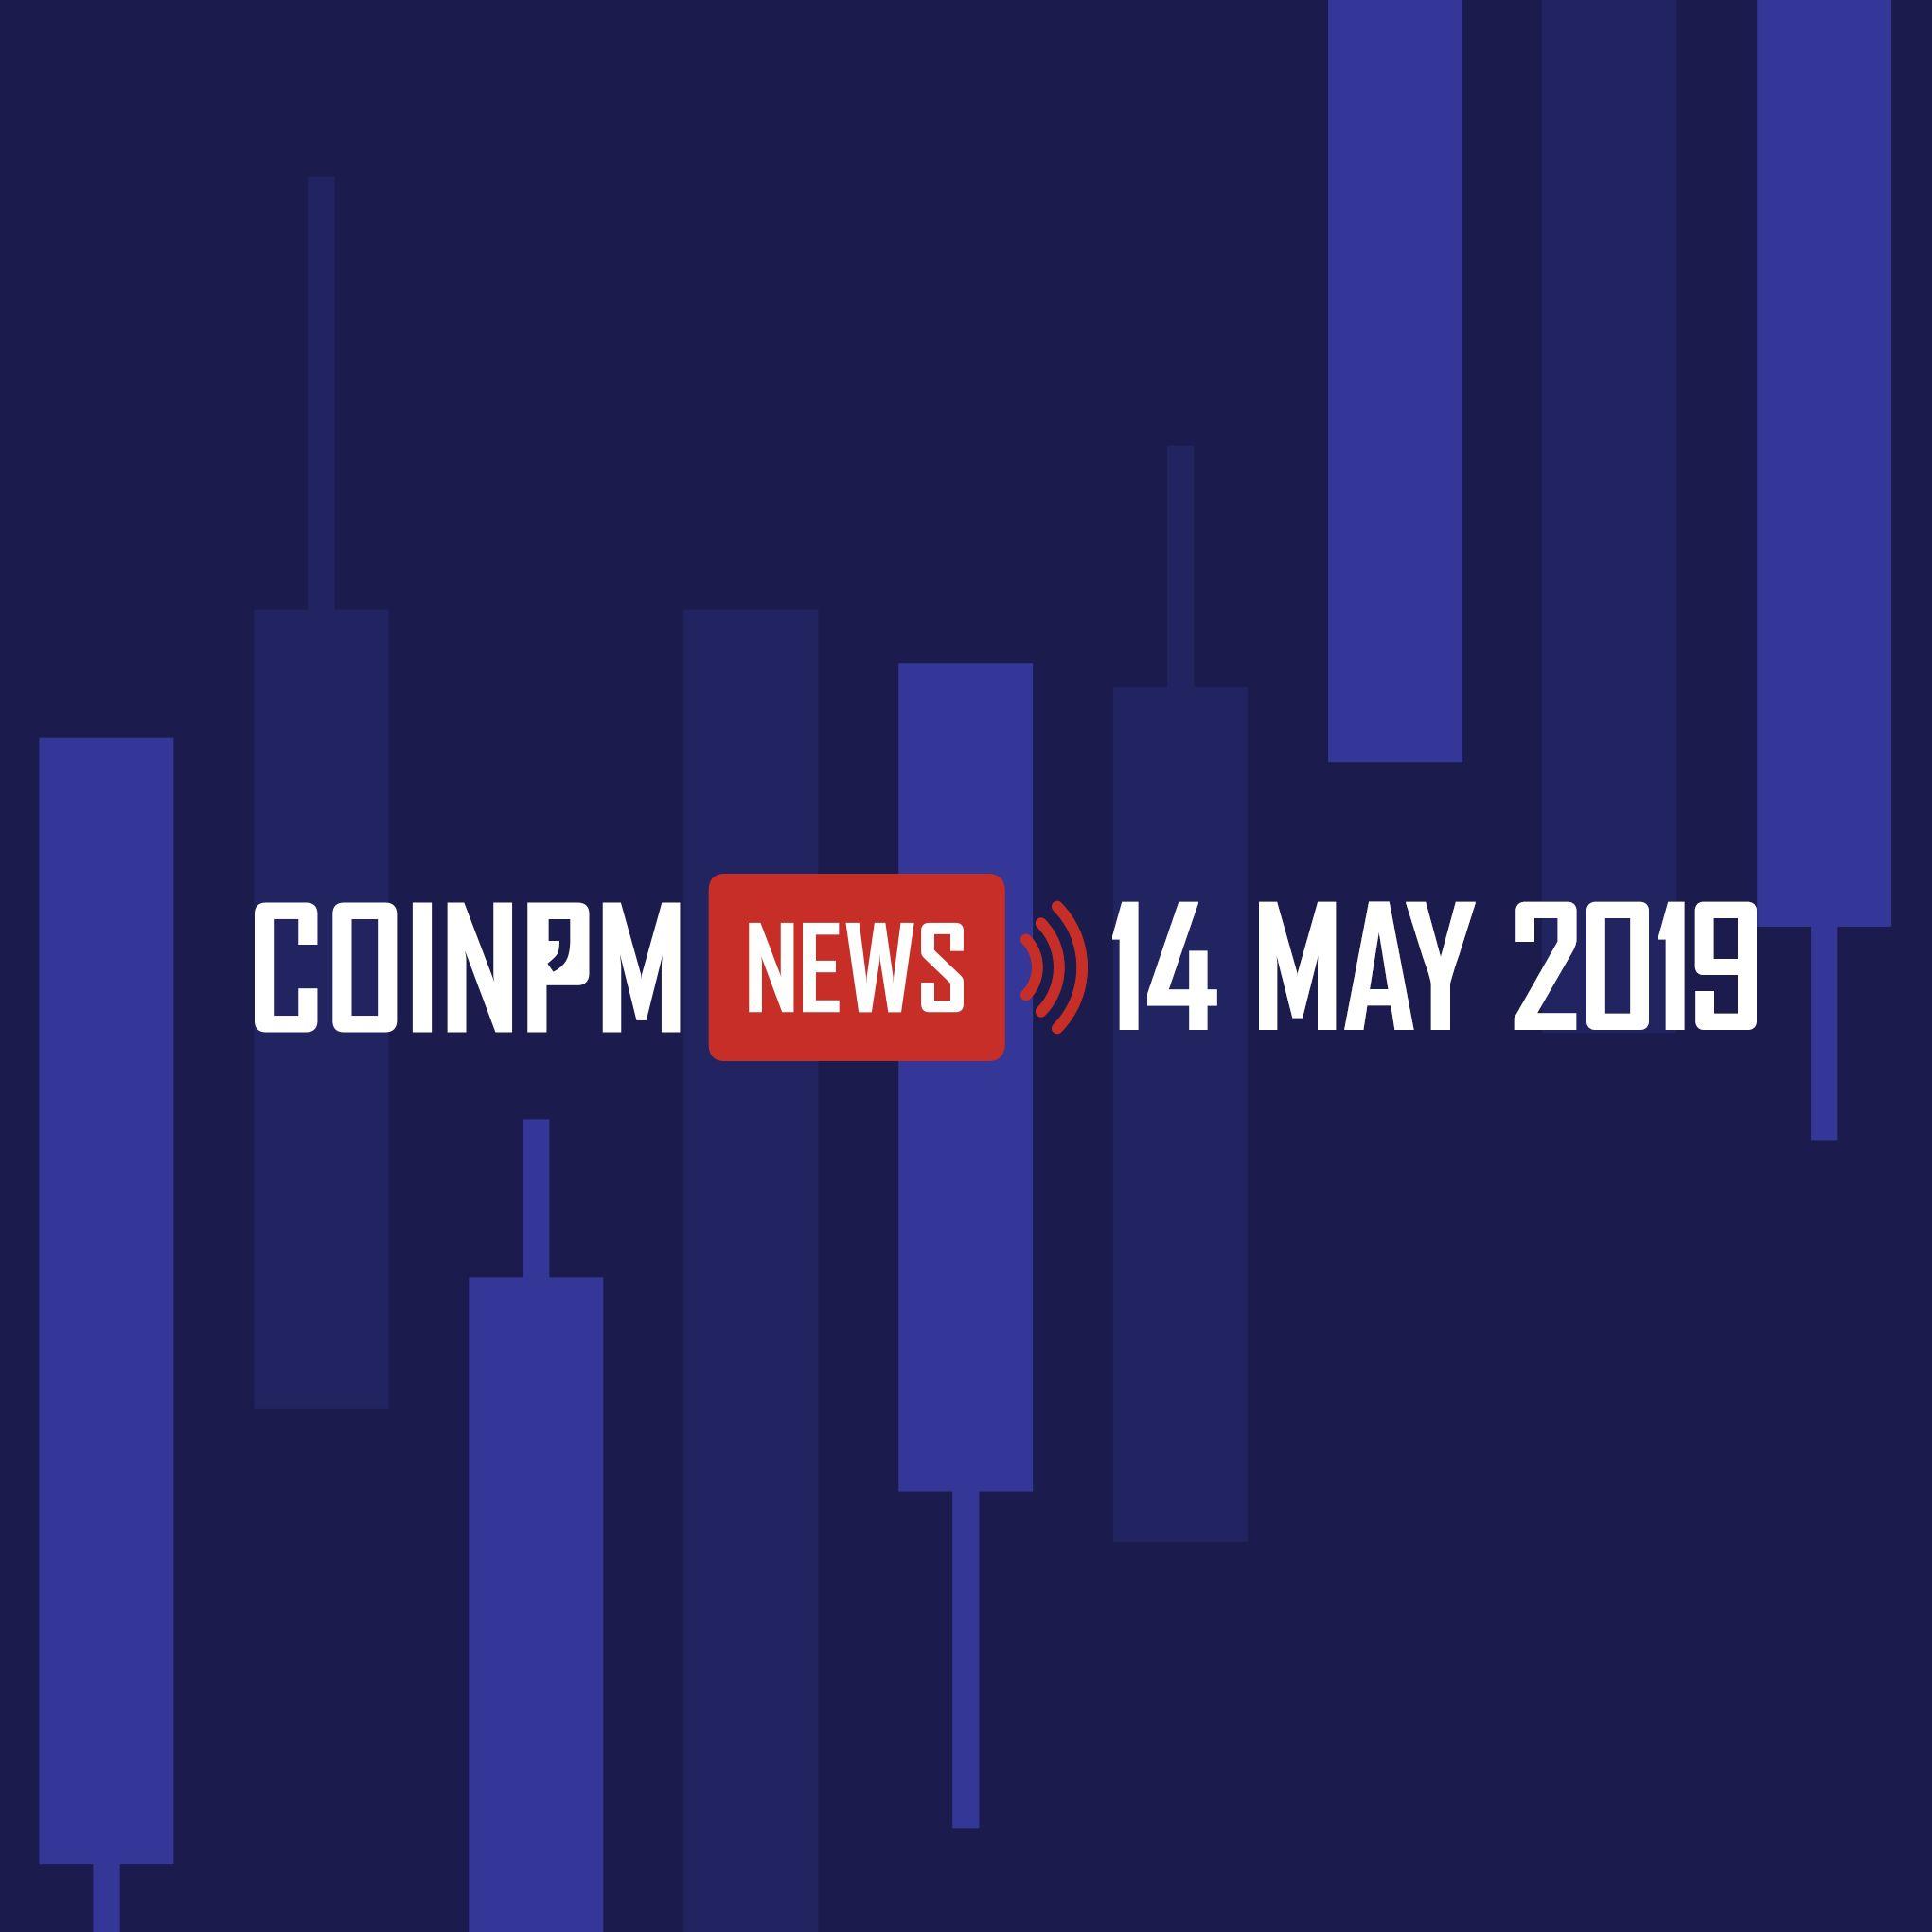 14th May 2019